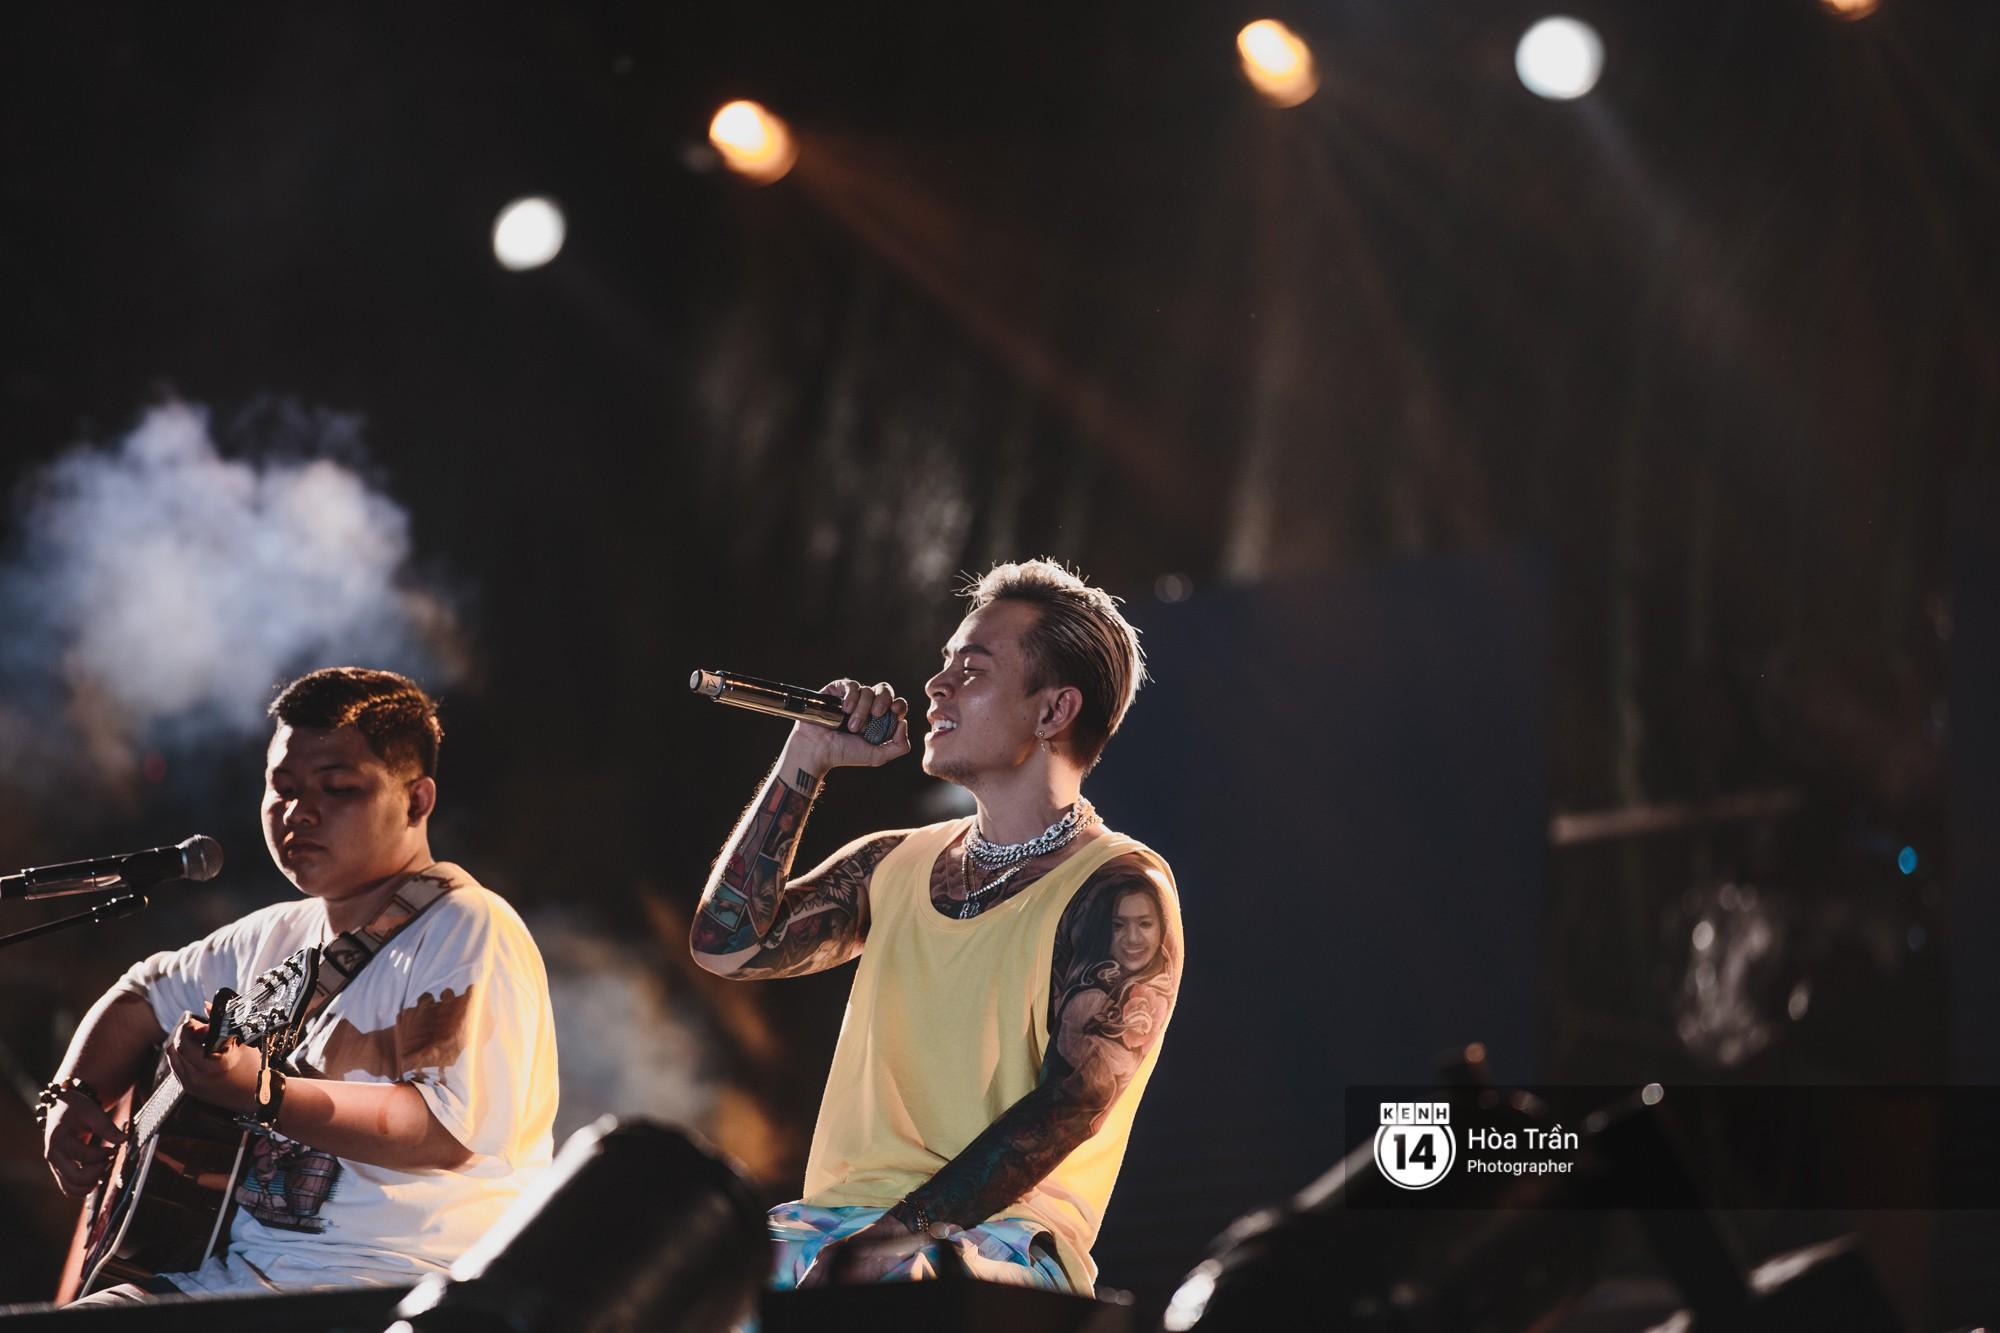 Đen Vâu, Vũ, Ngọt Band cũng loạt nghệ sỹ Indie đình đám khiến Sài Gòn tăng nhiệt tại Thơm Music Festival - Ảnh 13.